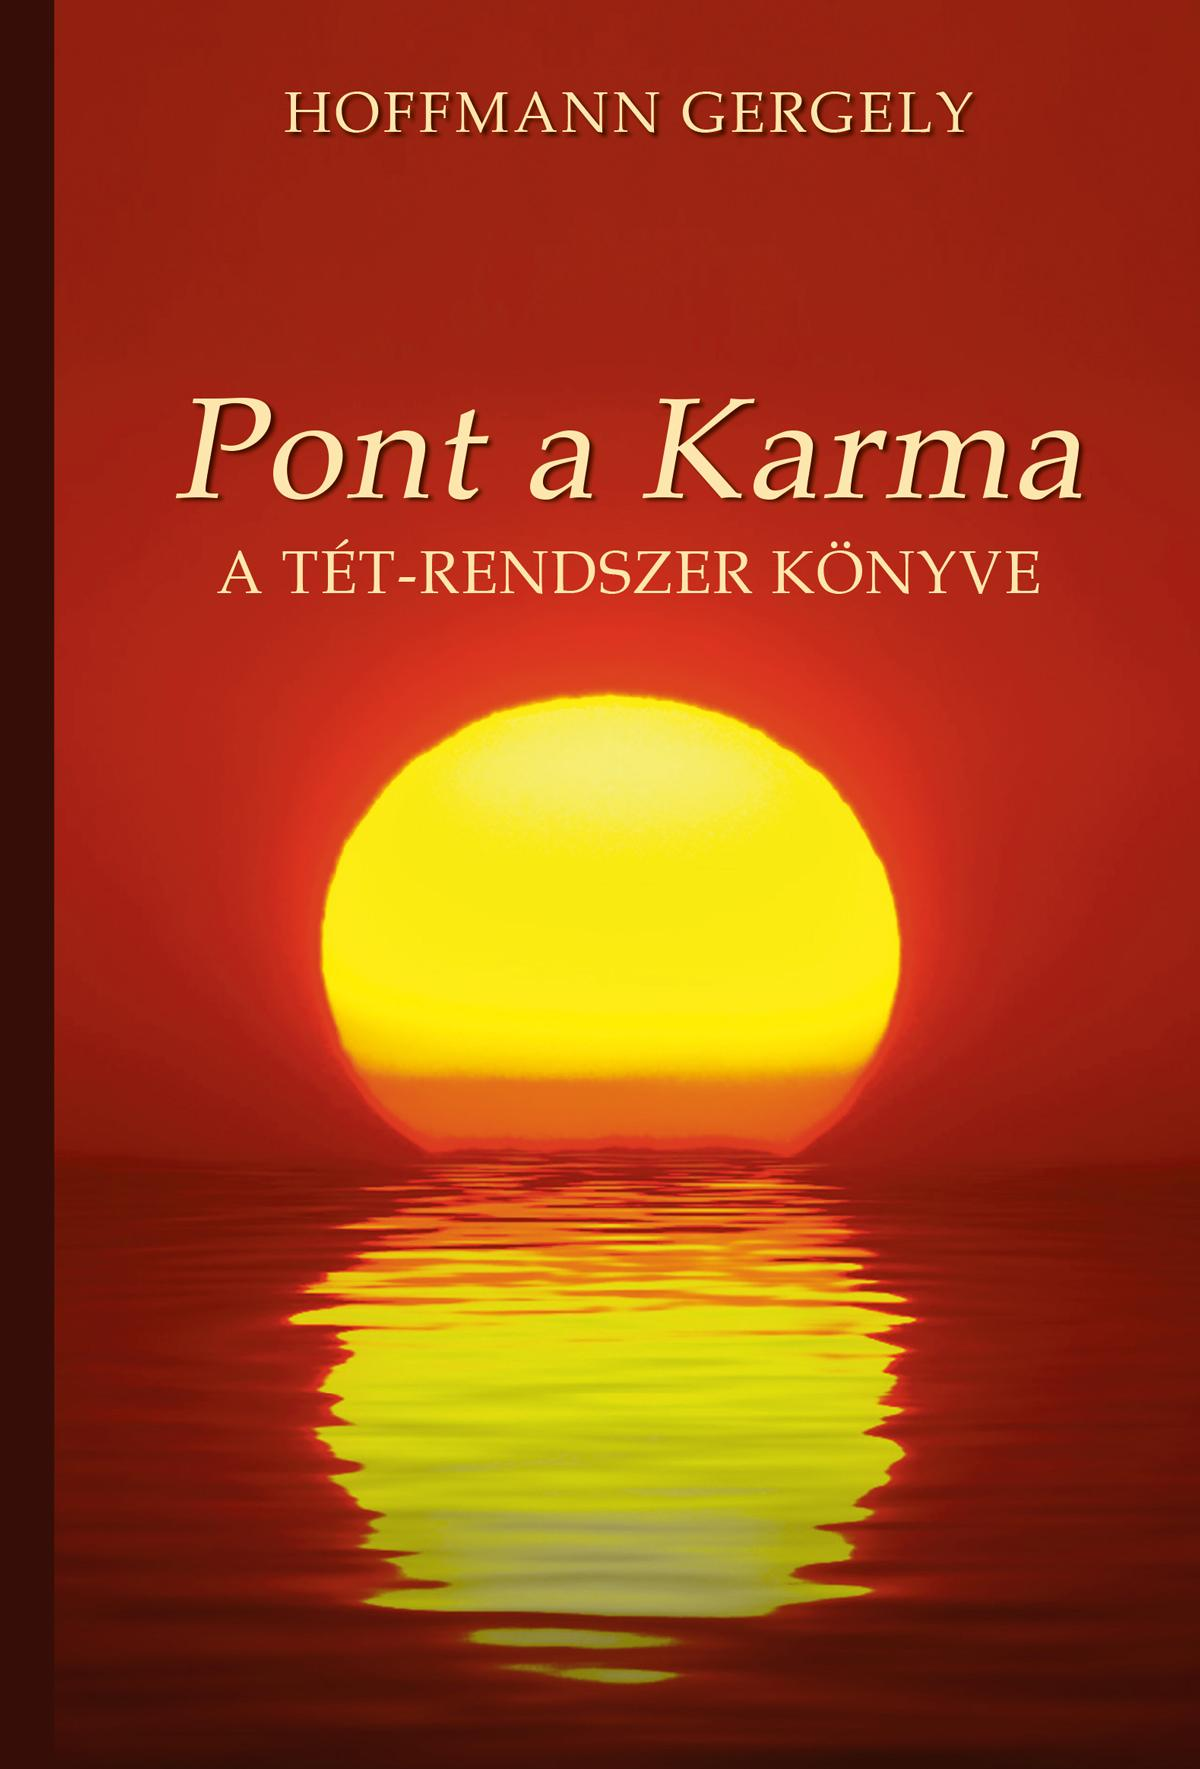 PONT A KARMA - A TÉT-RENDSZER KÖNYVE